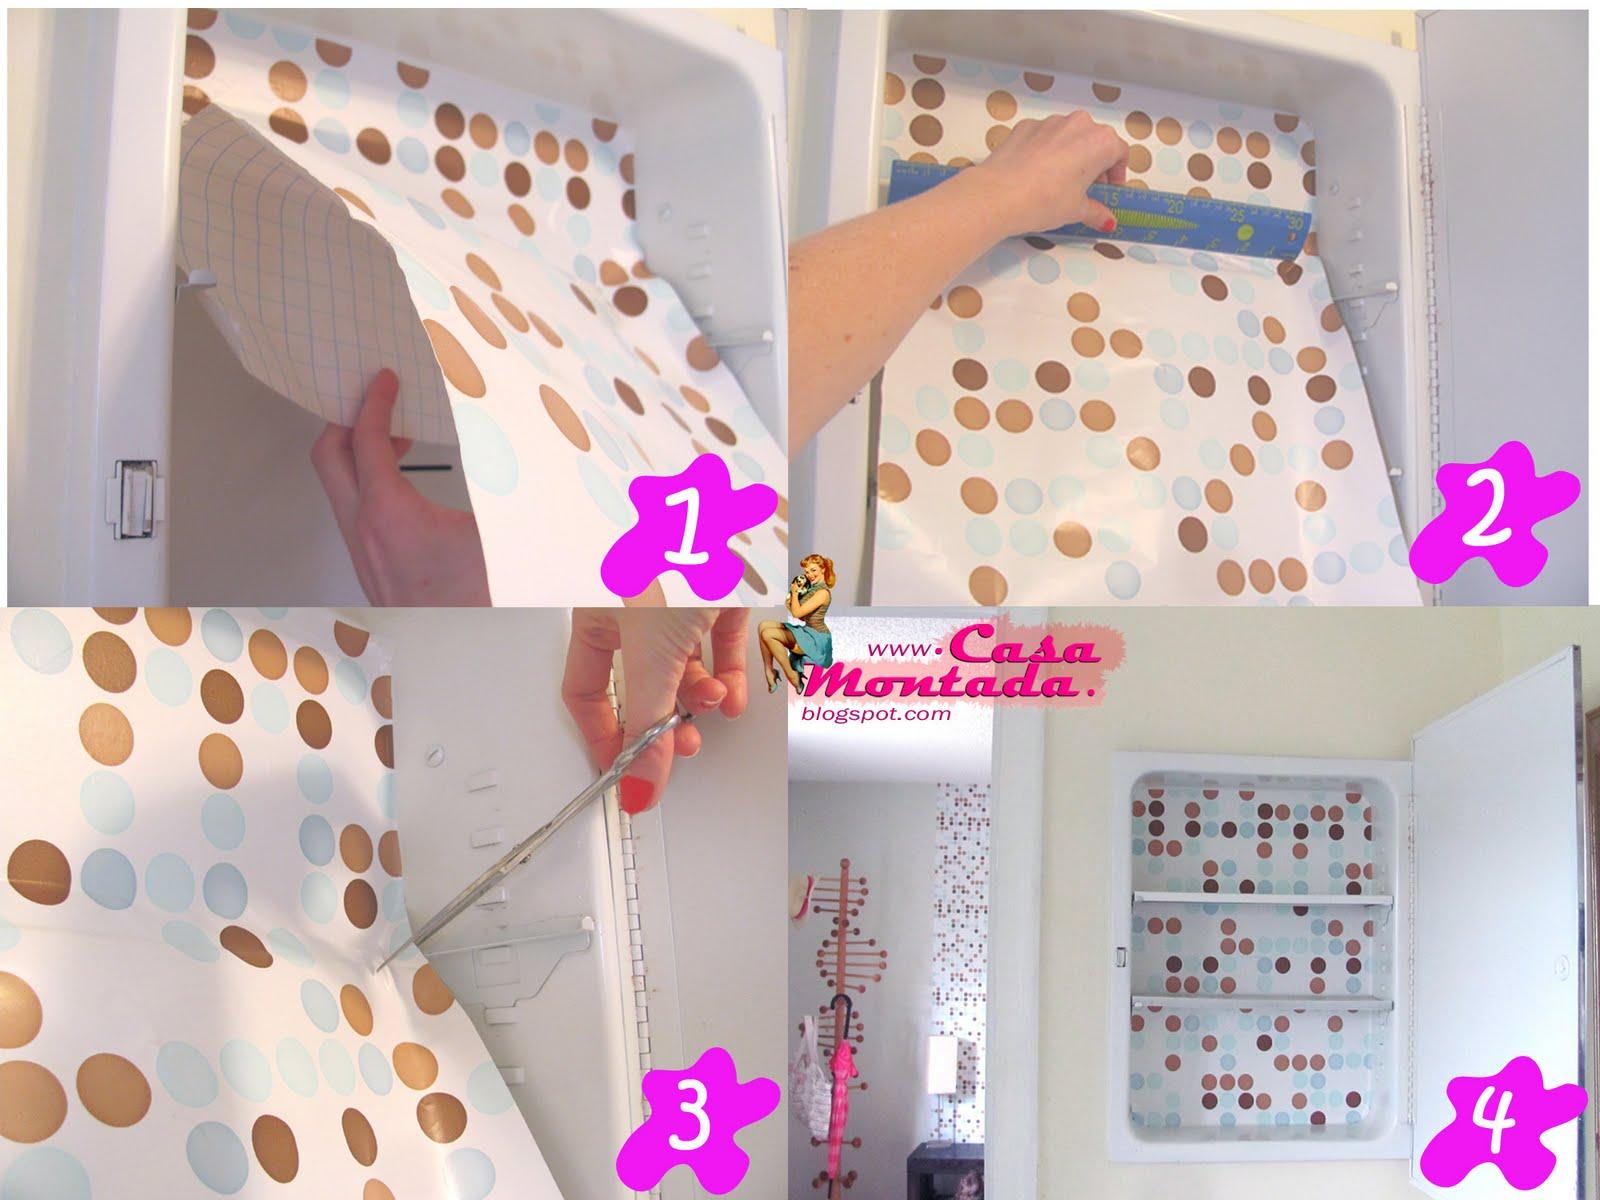 decorar banheiro velho:Depois de tirar as prateleiras comece aplicar o papel contact,o